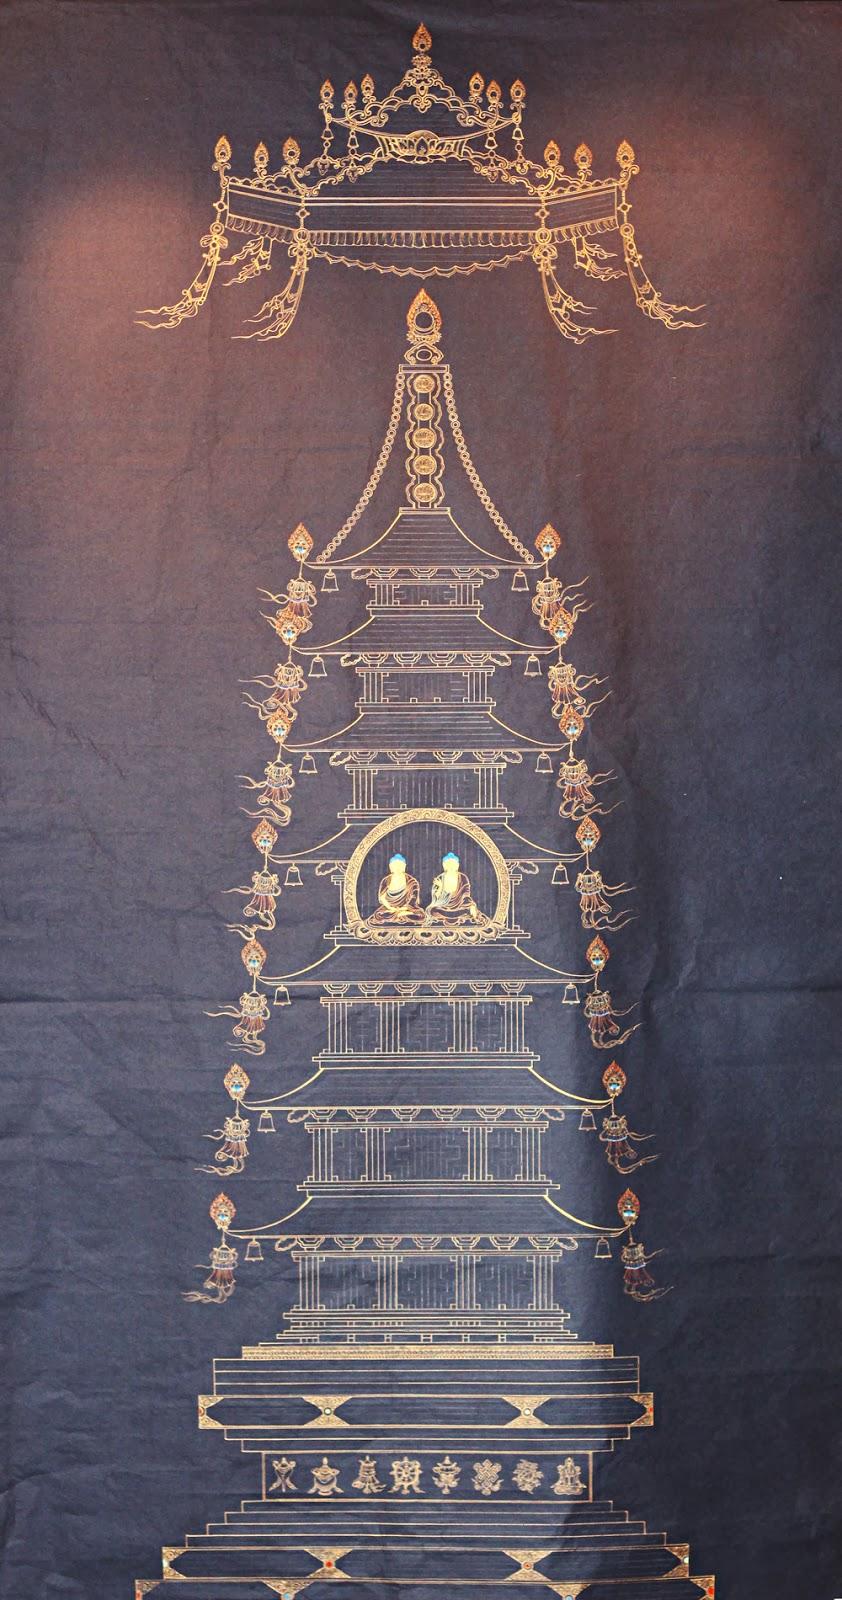 福慧禪風瓦舍: 多寶如來與釋迦牟尼的故事